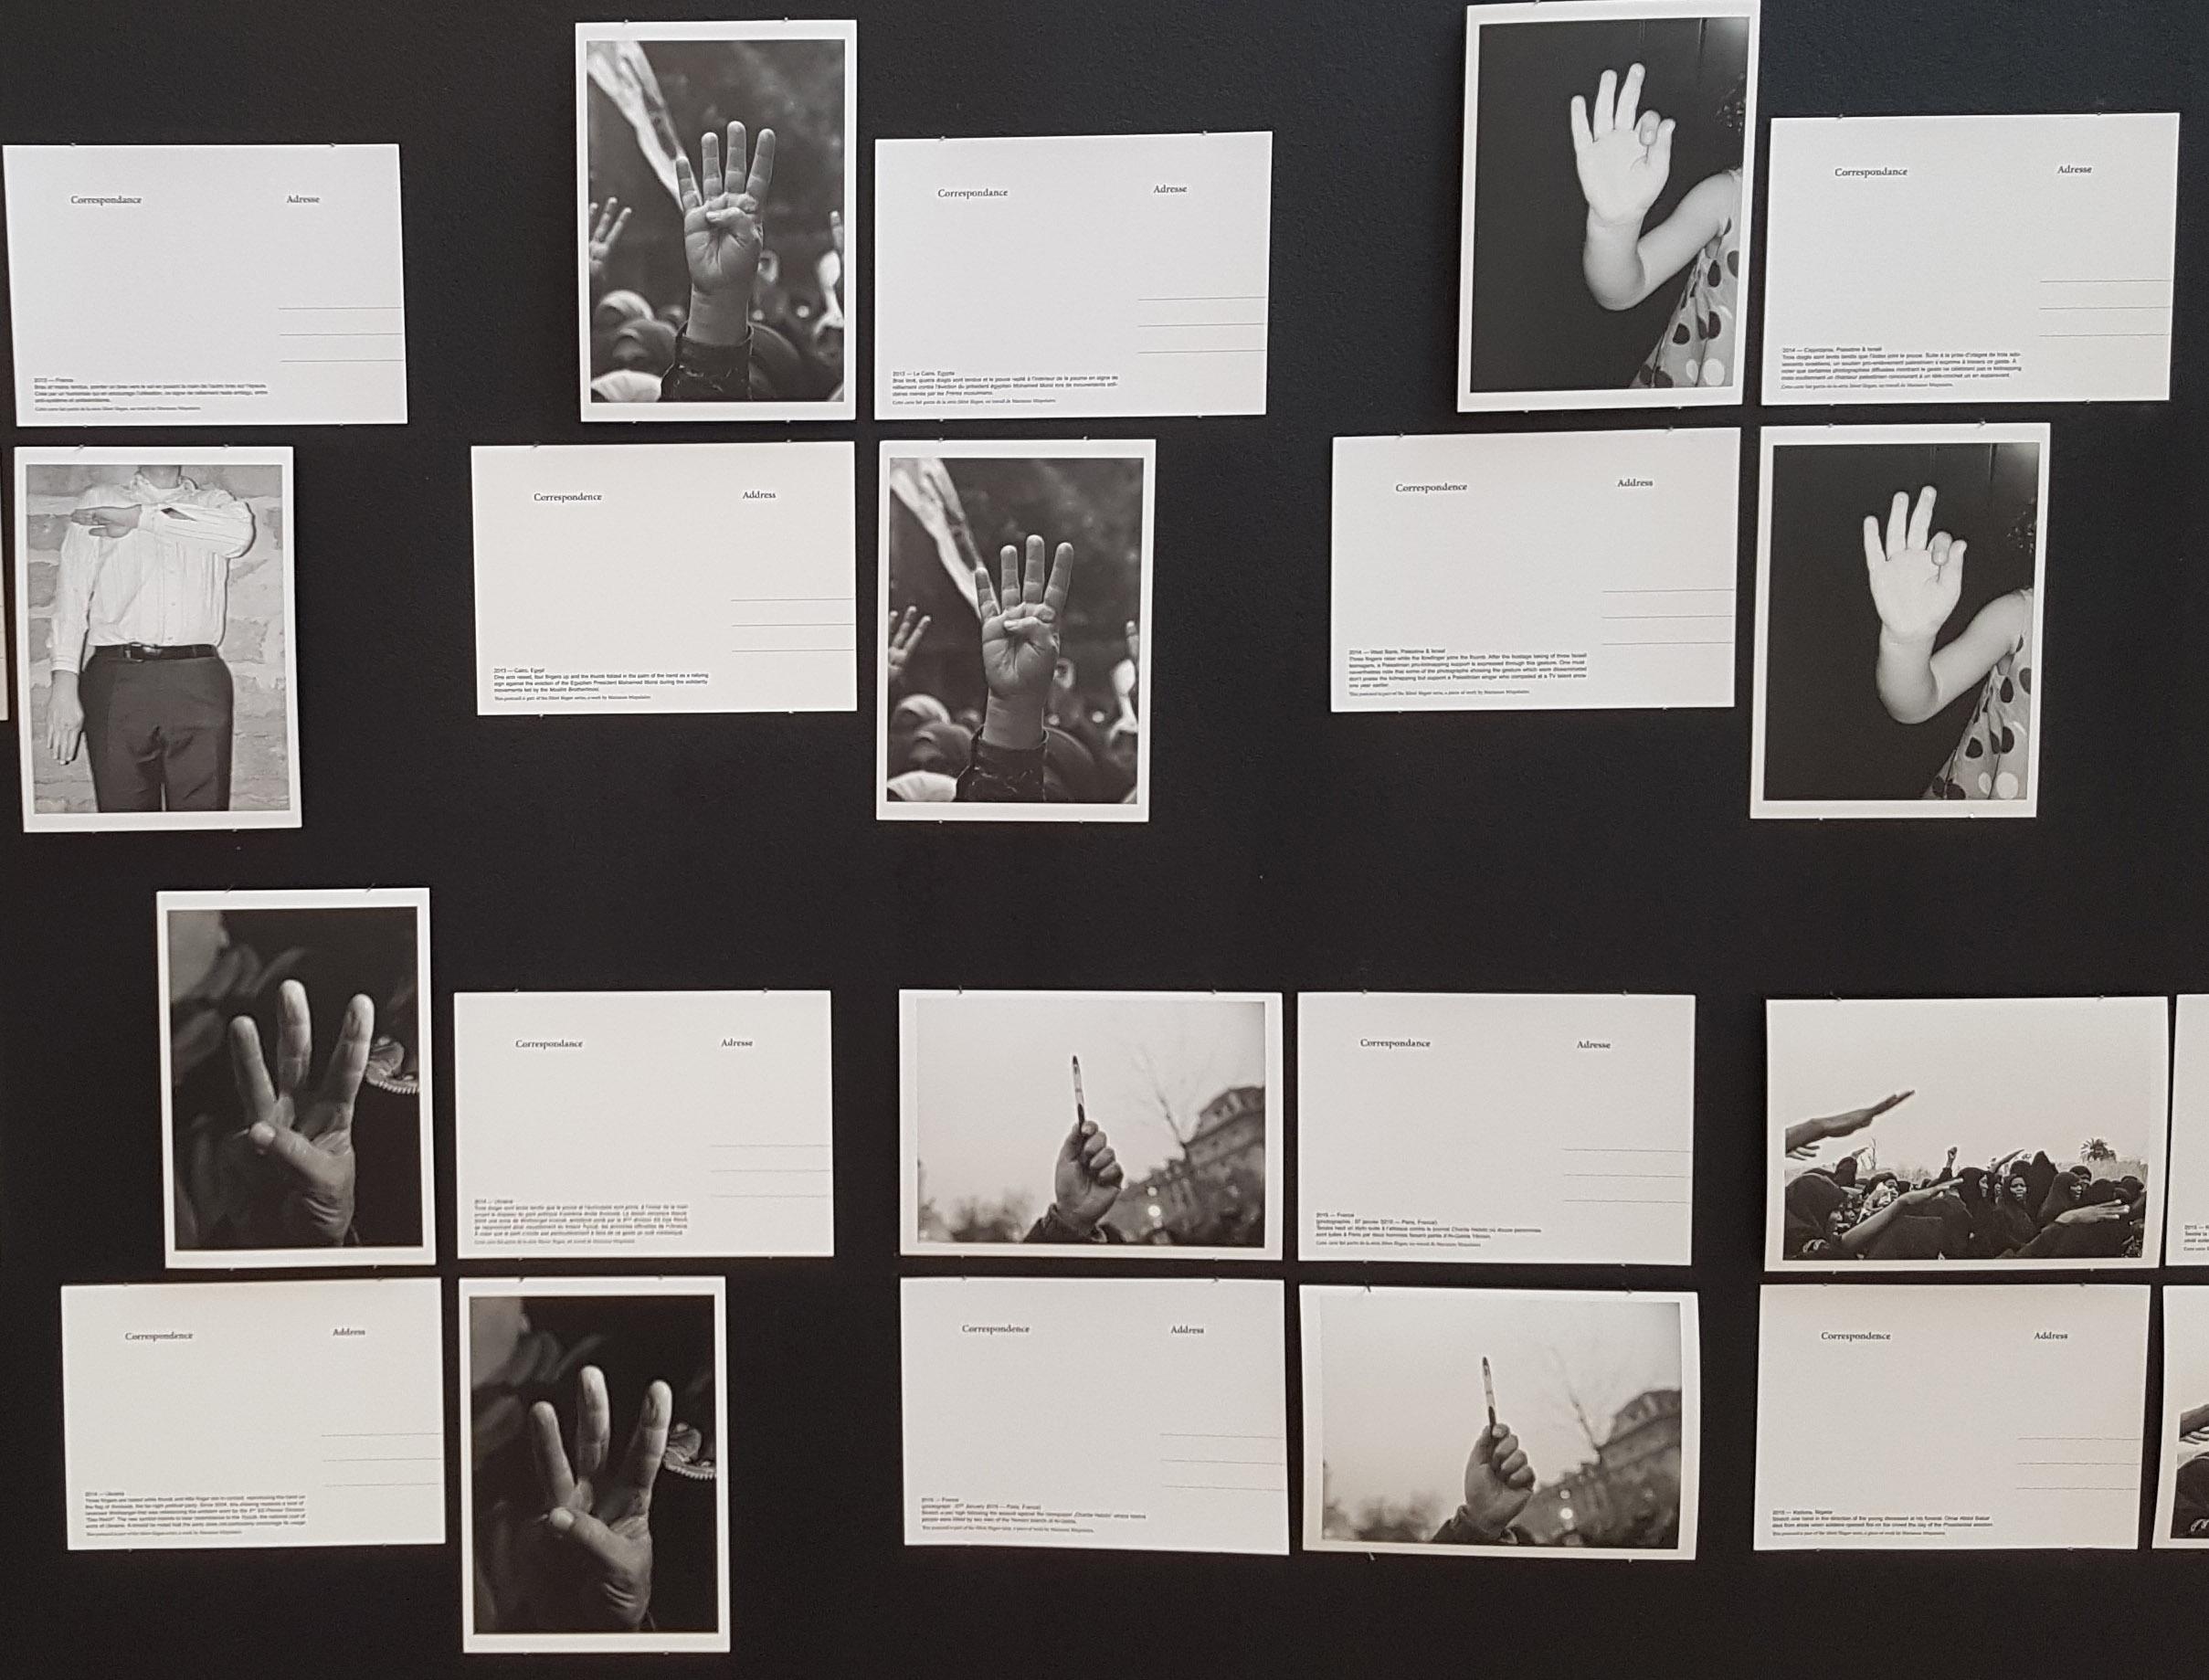 Marianne Mispelaëre, Silent Slogan (2015 - en cours), série de 32 cartes postales, capture d'écran, texte, impression offset.